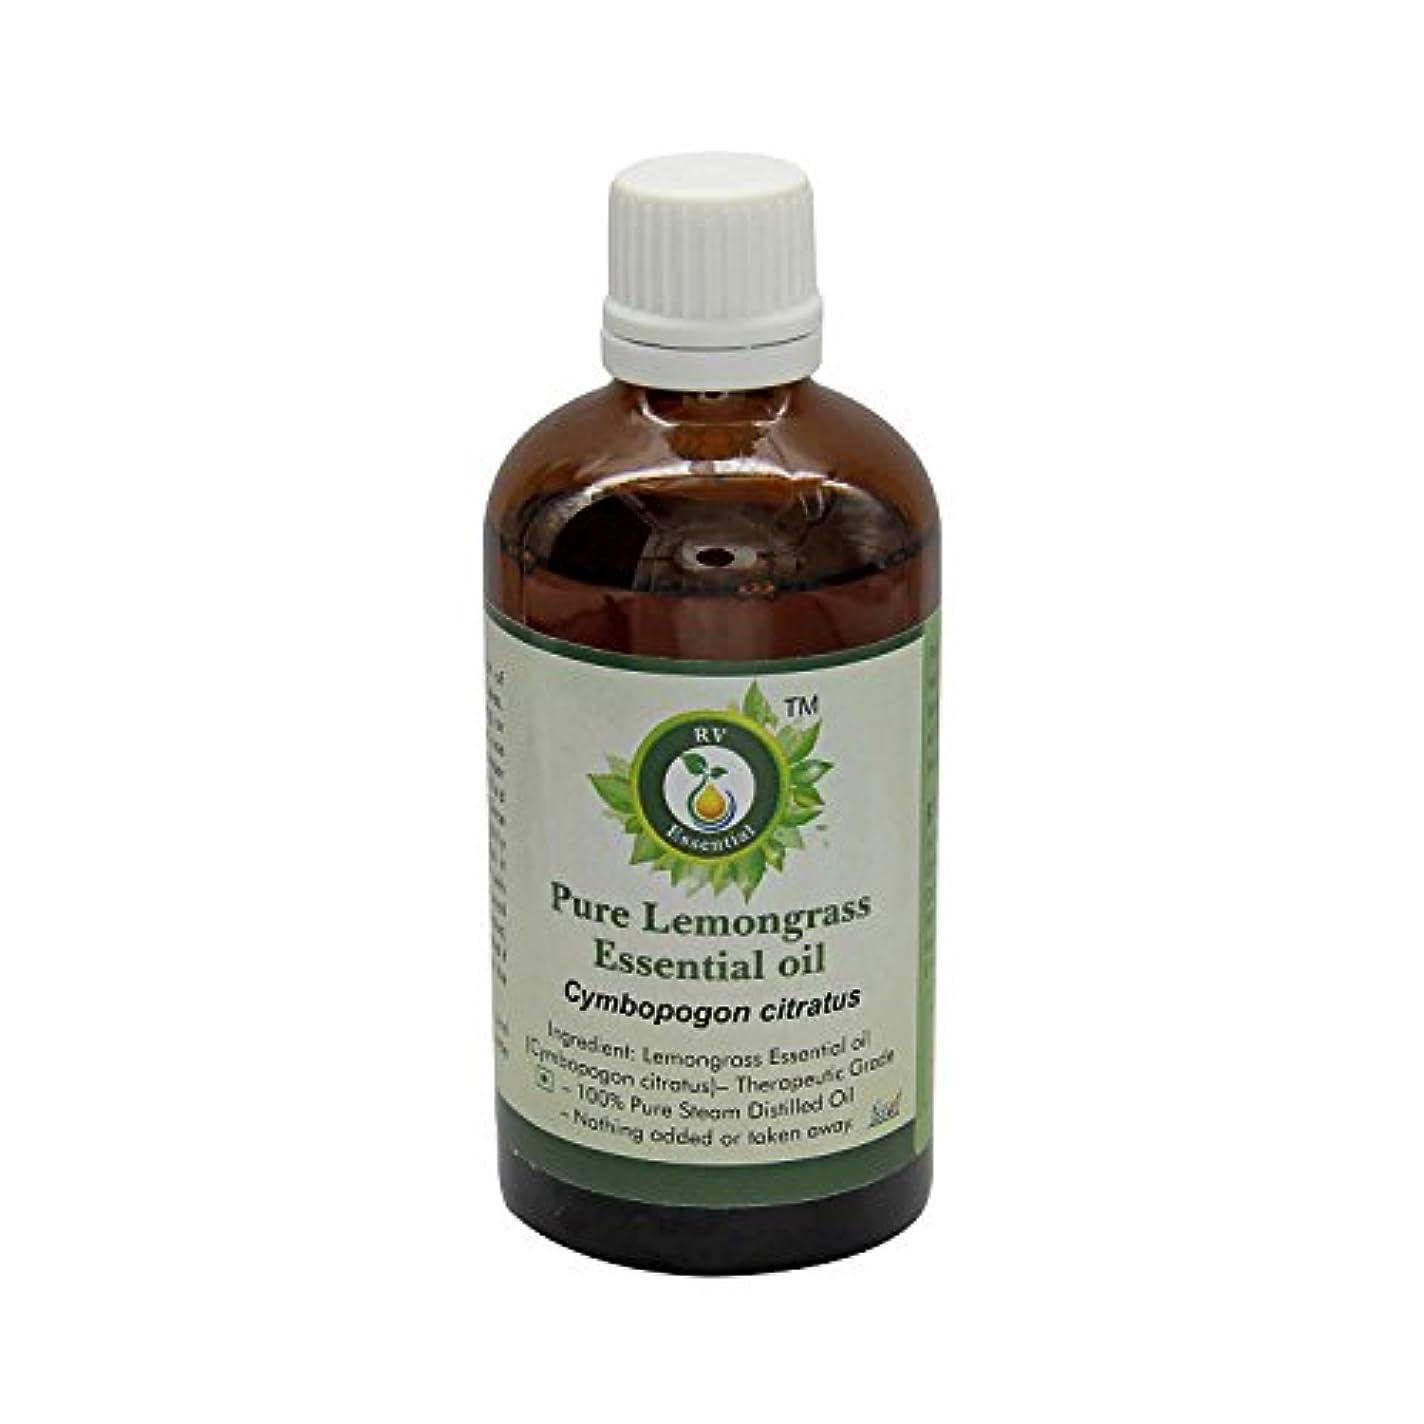 忌まわしい力学アルカイックR V Essential ピュアレモングラスエッセンシャルオイル100ml (3.38oz)- Cymbopogon Citratus (100%純粋&天然スチームDistilled) Pure Lemongrass...